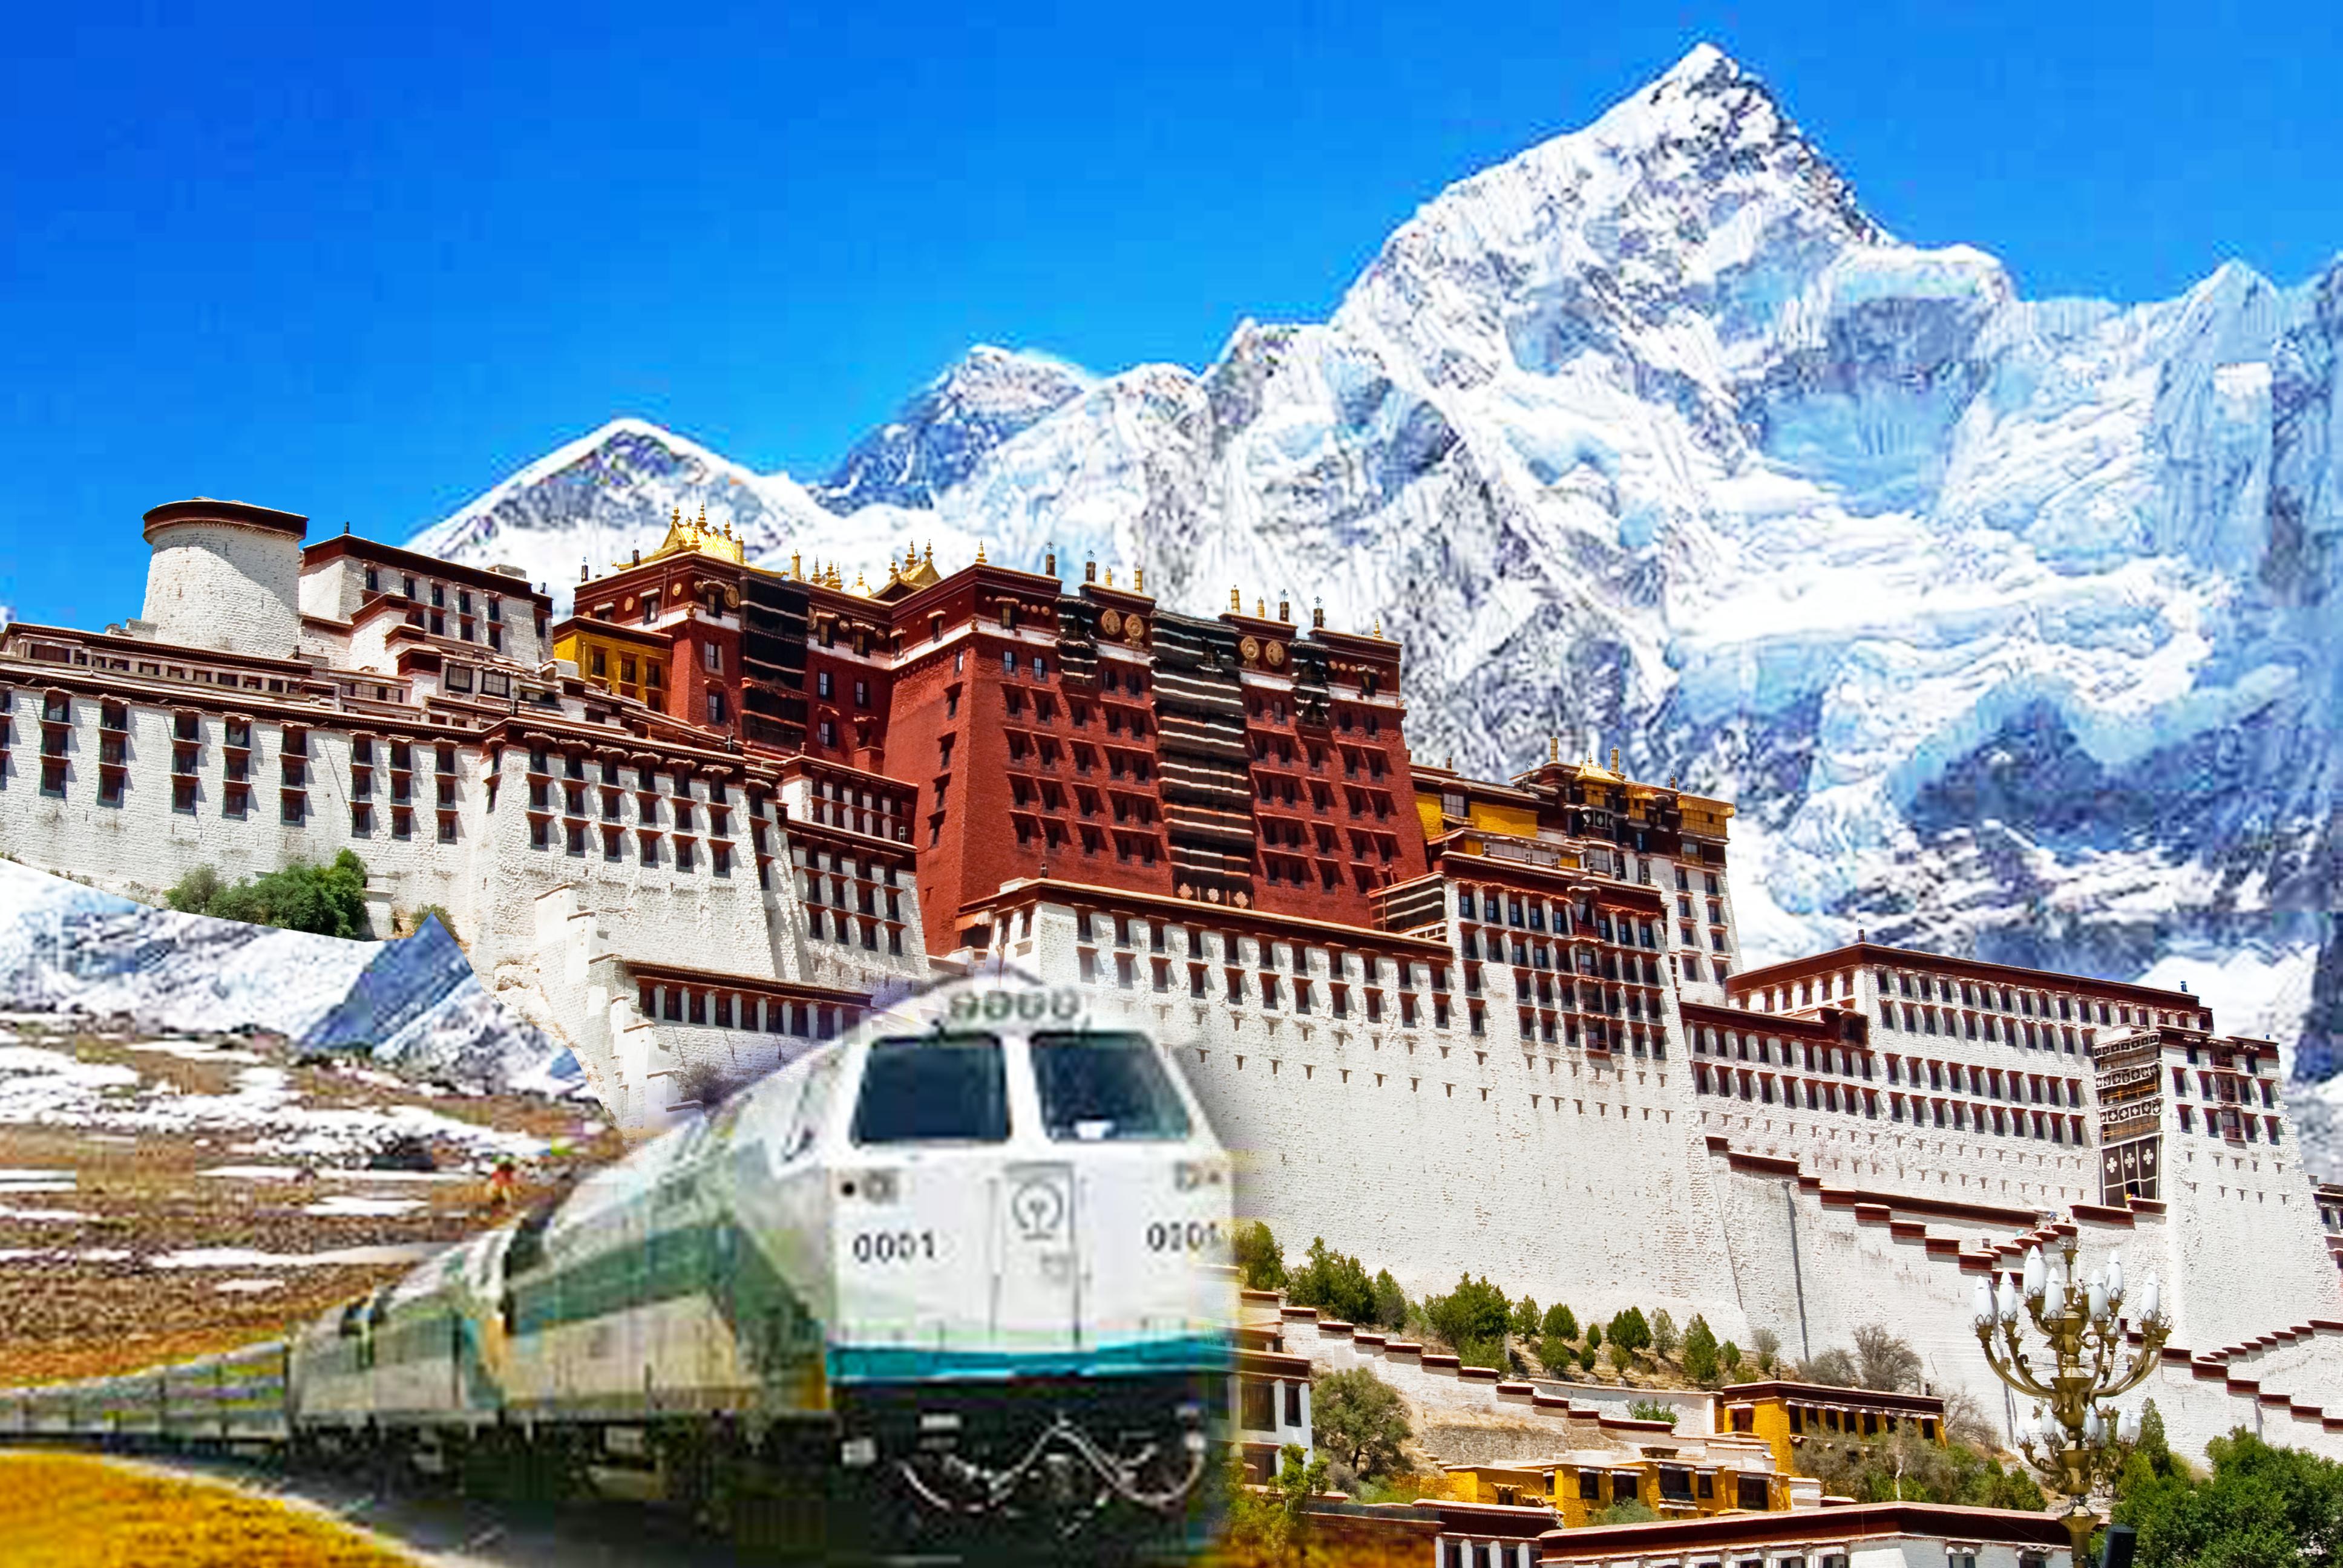 西藏~世界屋脊林芝(西藏江南) 拉薩(前藏) 日喀則(後藏)  珠峰大本營 西寧 青藏鐵路(下行軟臥)13日